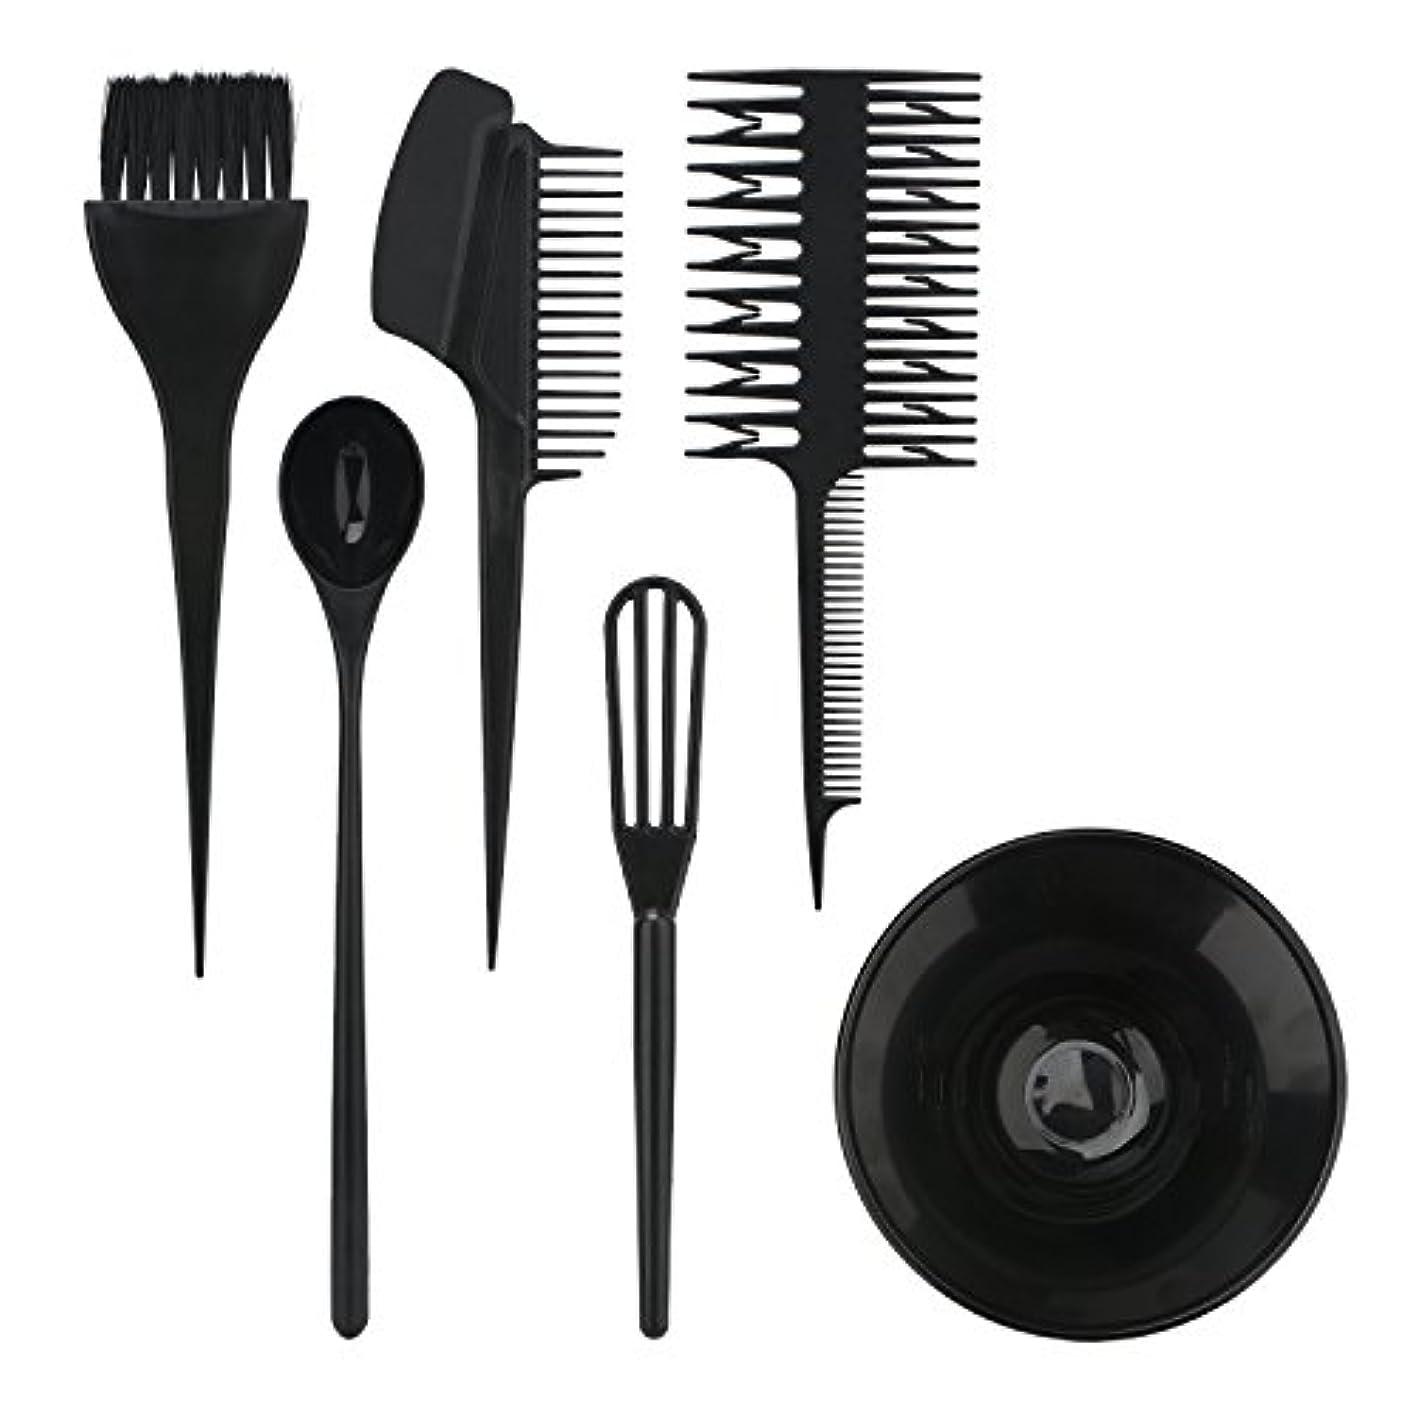 よく話されるアフリカ戸棚Segbeauty ヘアカラー用のセット ブラシとボウルの組み合わせ 6pcs DIY髪染め用 サロン 美髪師用 ヘアカラーの用具